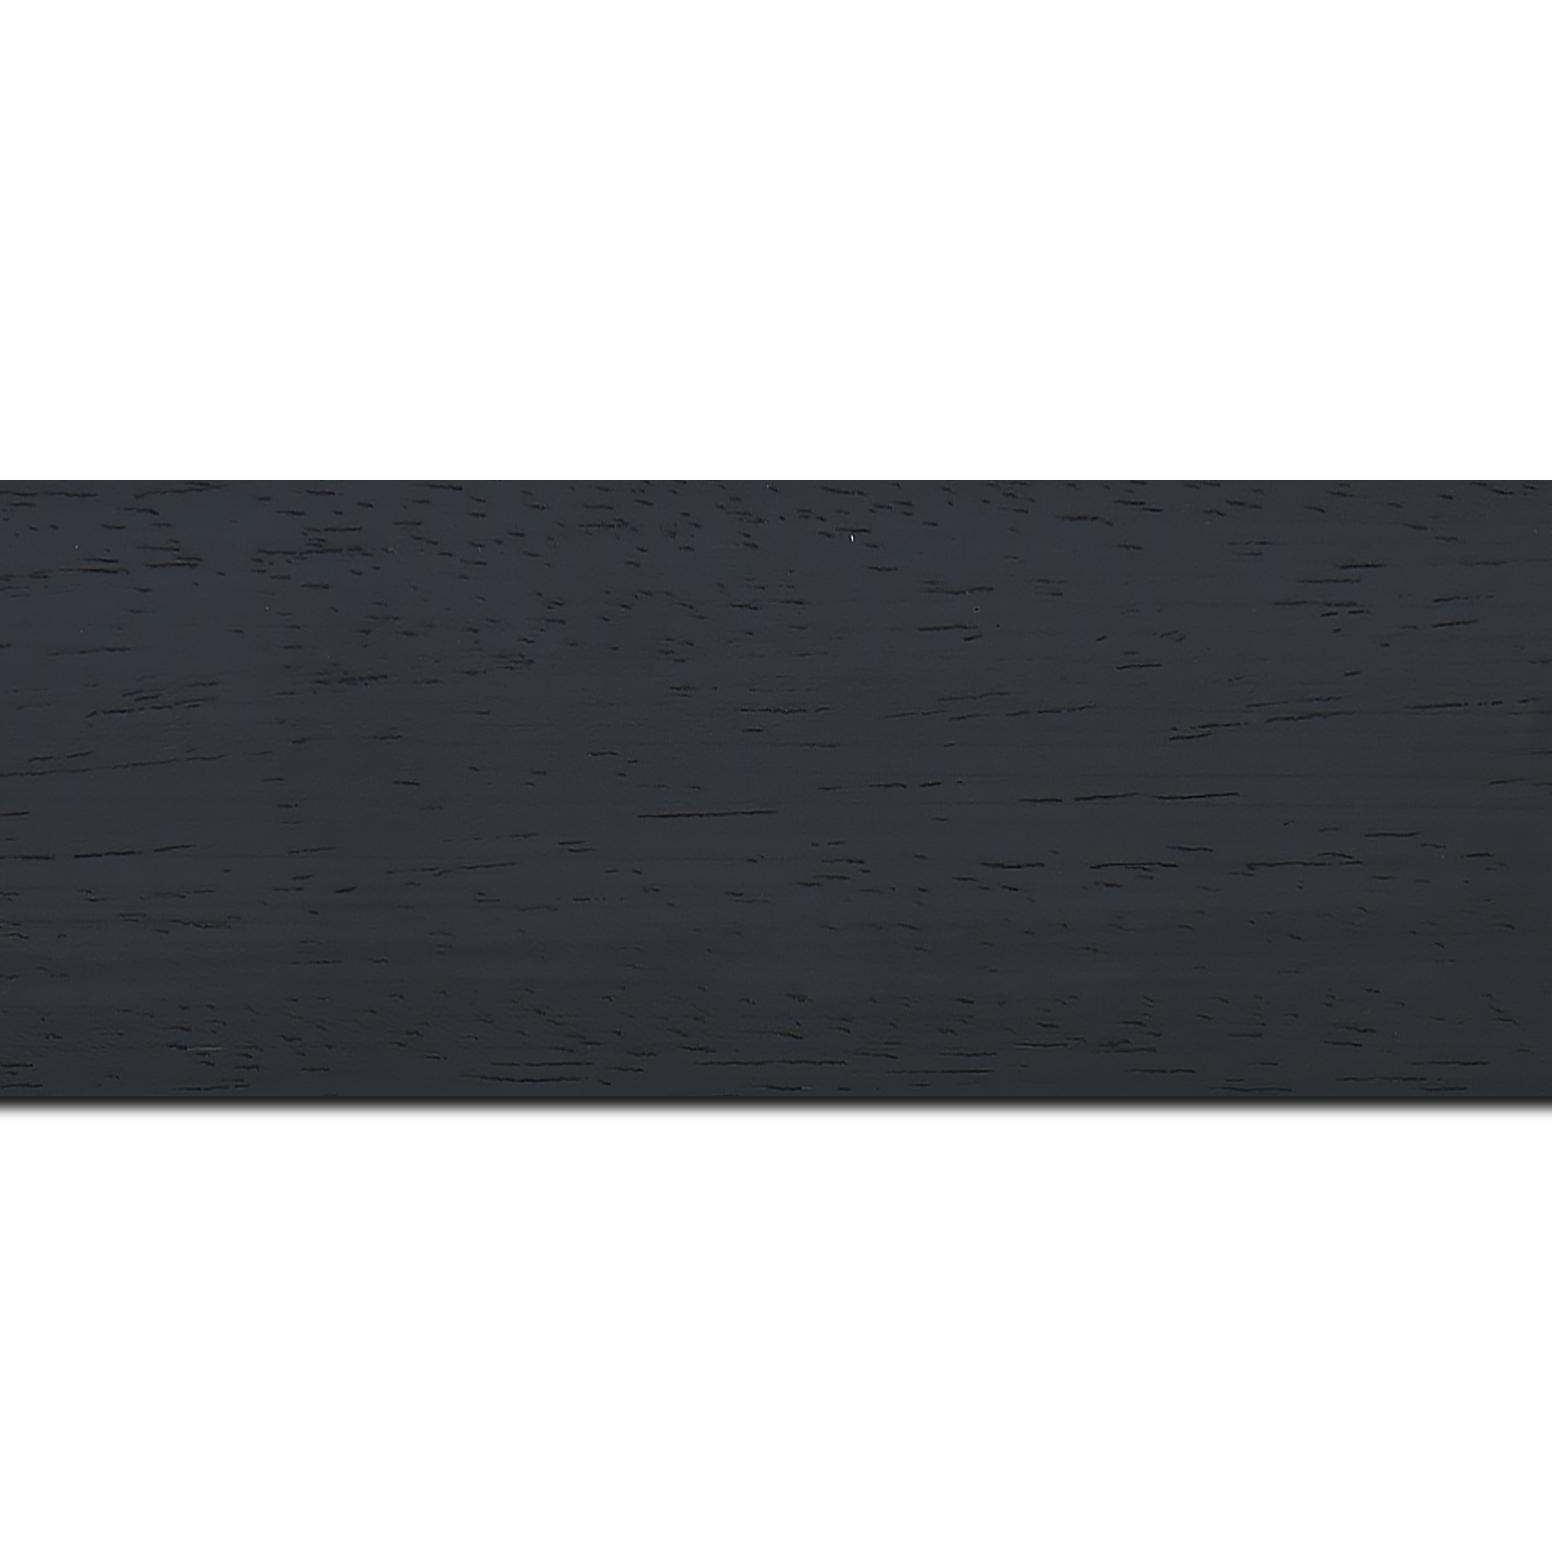 Pack par 12m, bois profil plat largeur 5.9cm couleur noir satiné (longueur baguette pouvant varier entre 2.40m et 3m selon arrivage des bois)